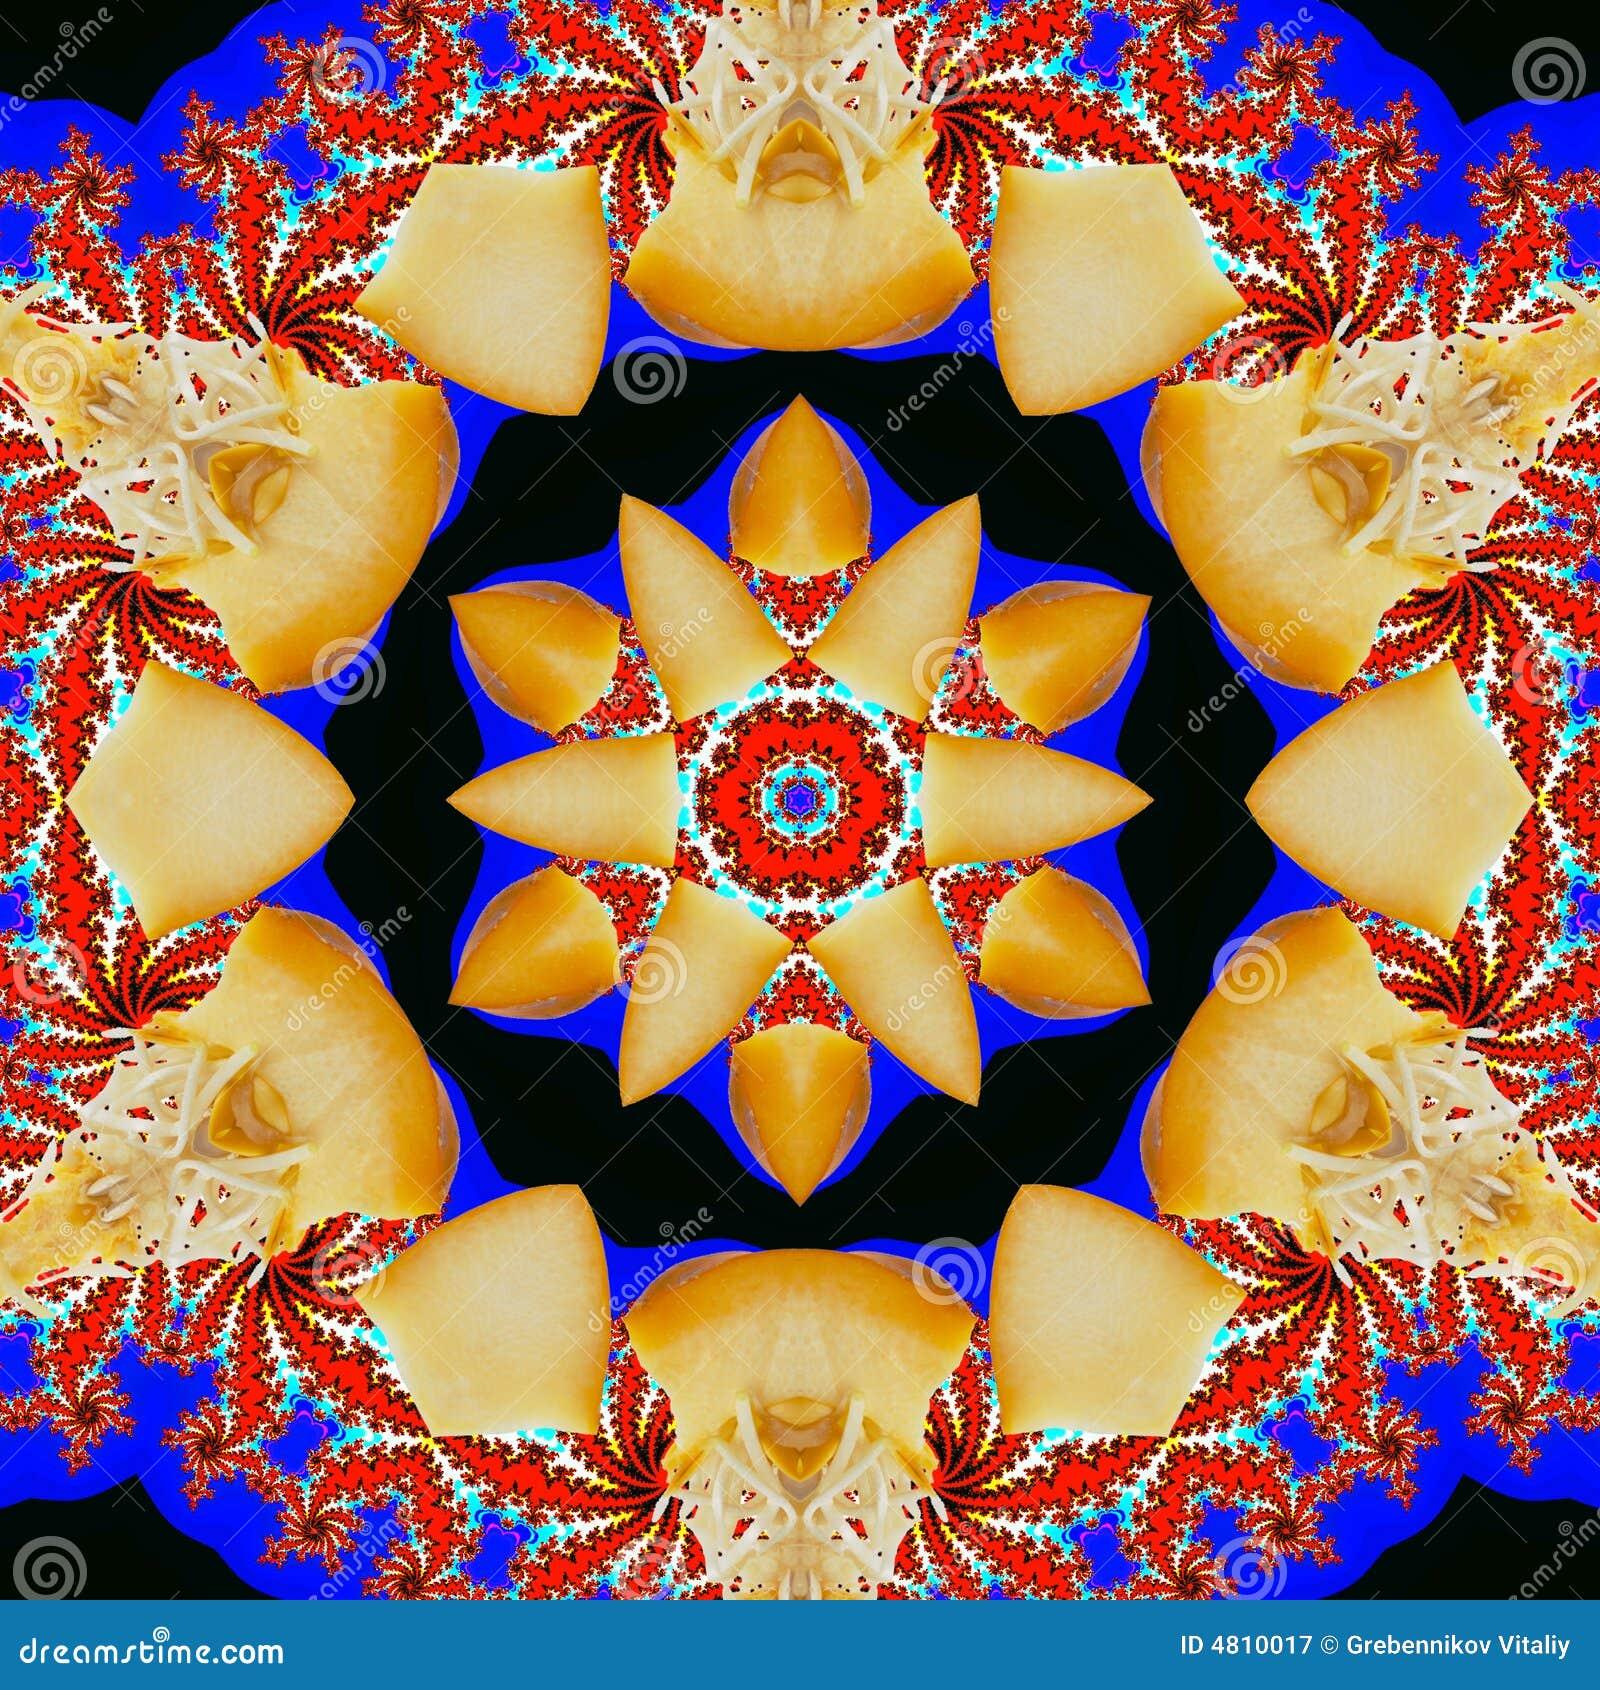 abstractstars abstract stars patterns - photo #8